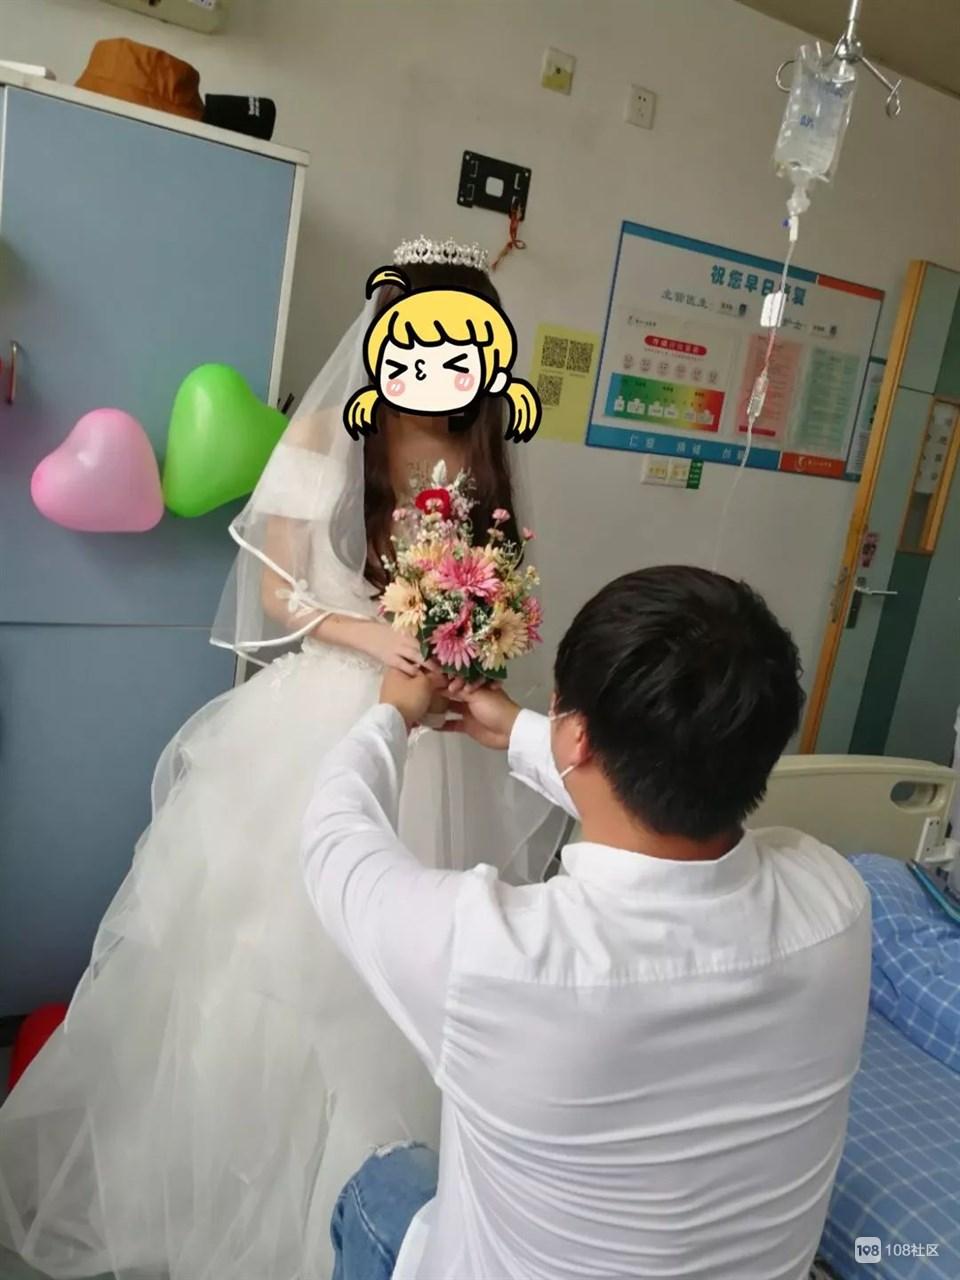 太美!她在病房穿上白色婚纱,男友一句话让现场泪崩